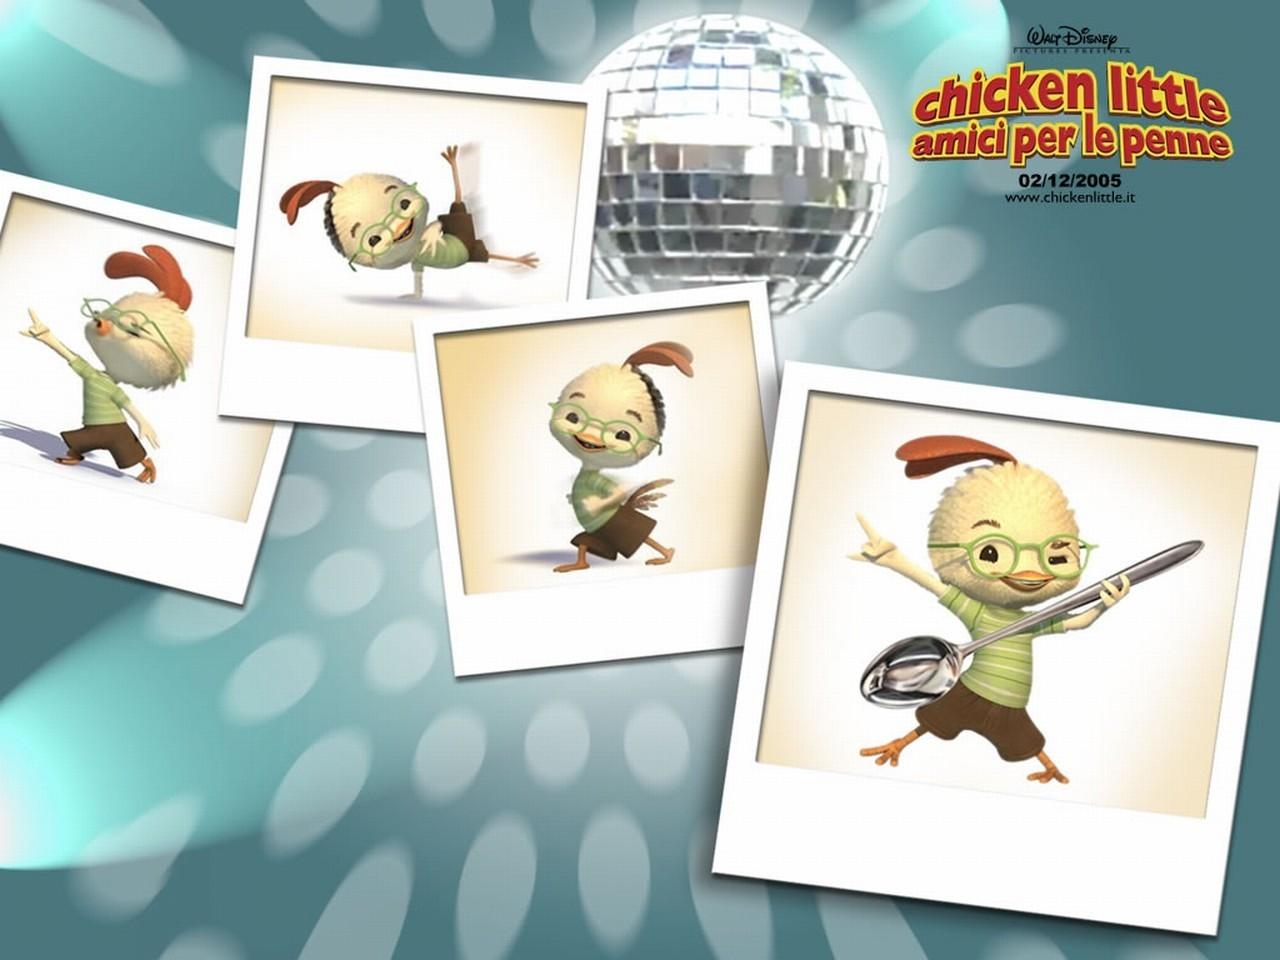 Wallpaper del film d'animazione Chicken Little - Amici per le penne